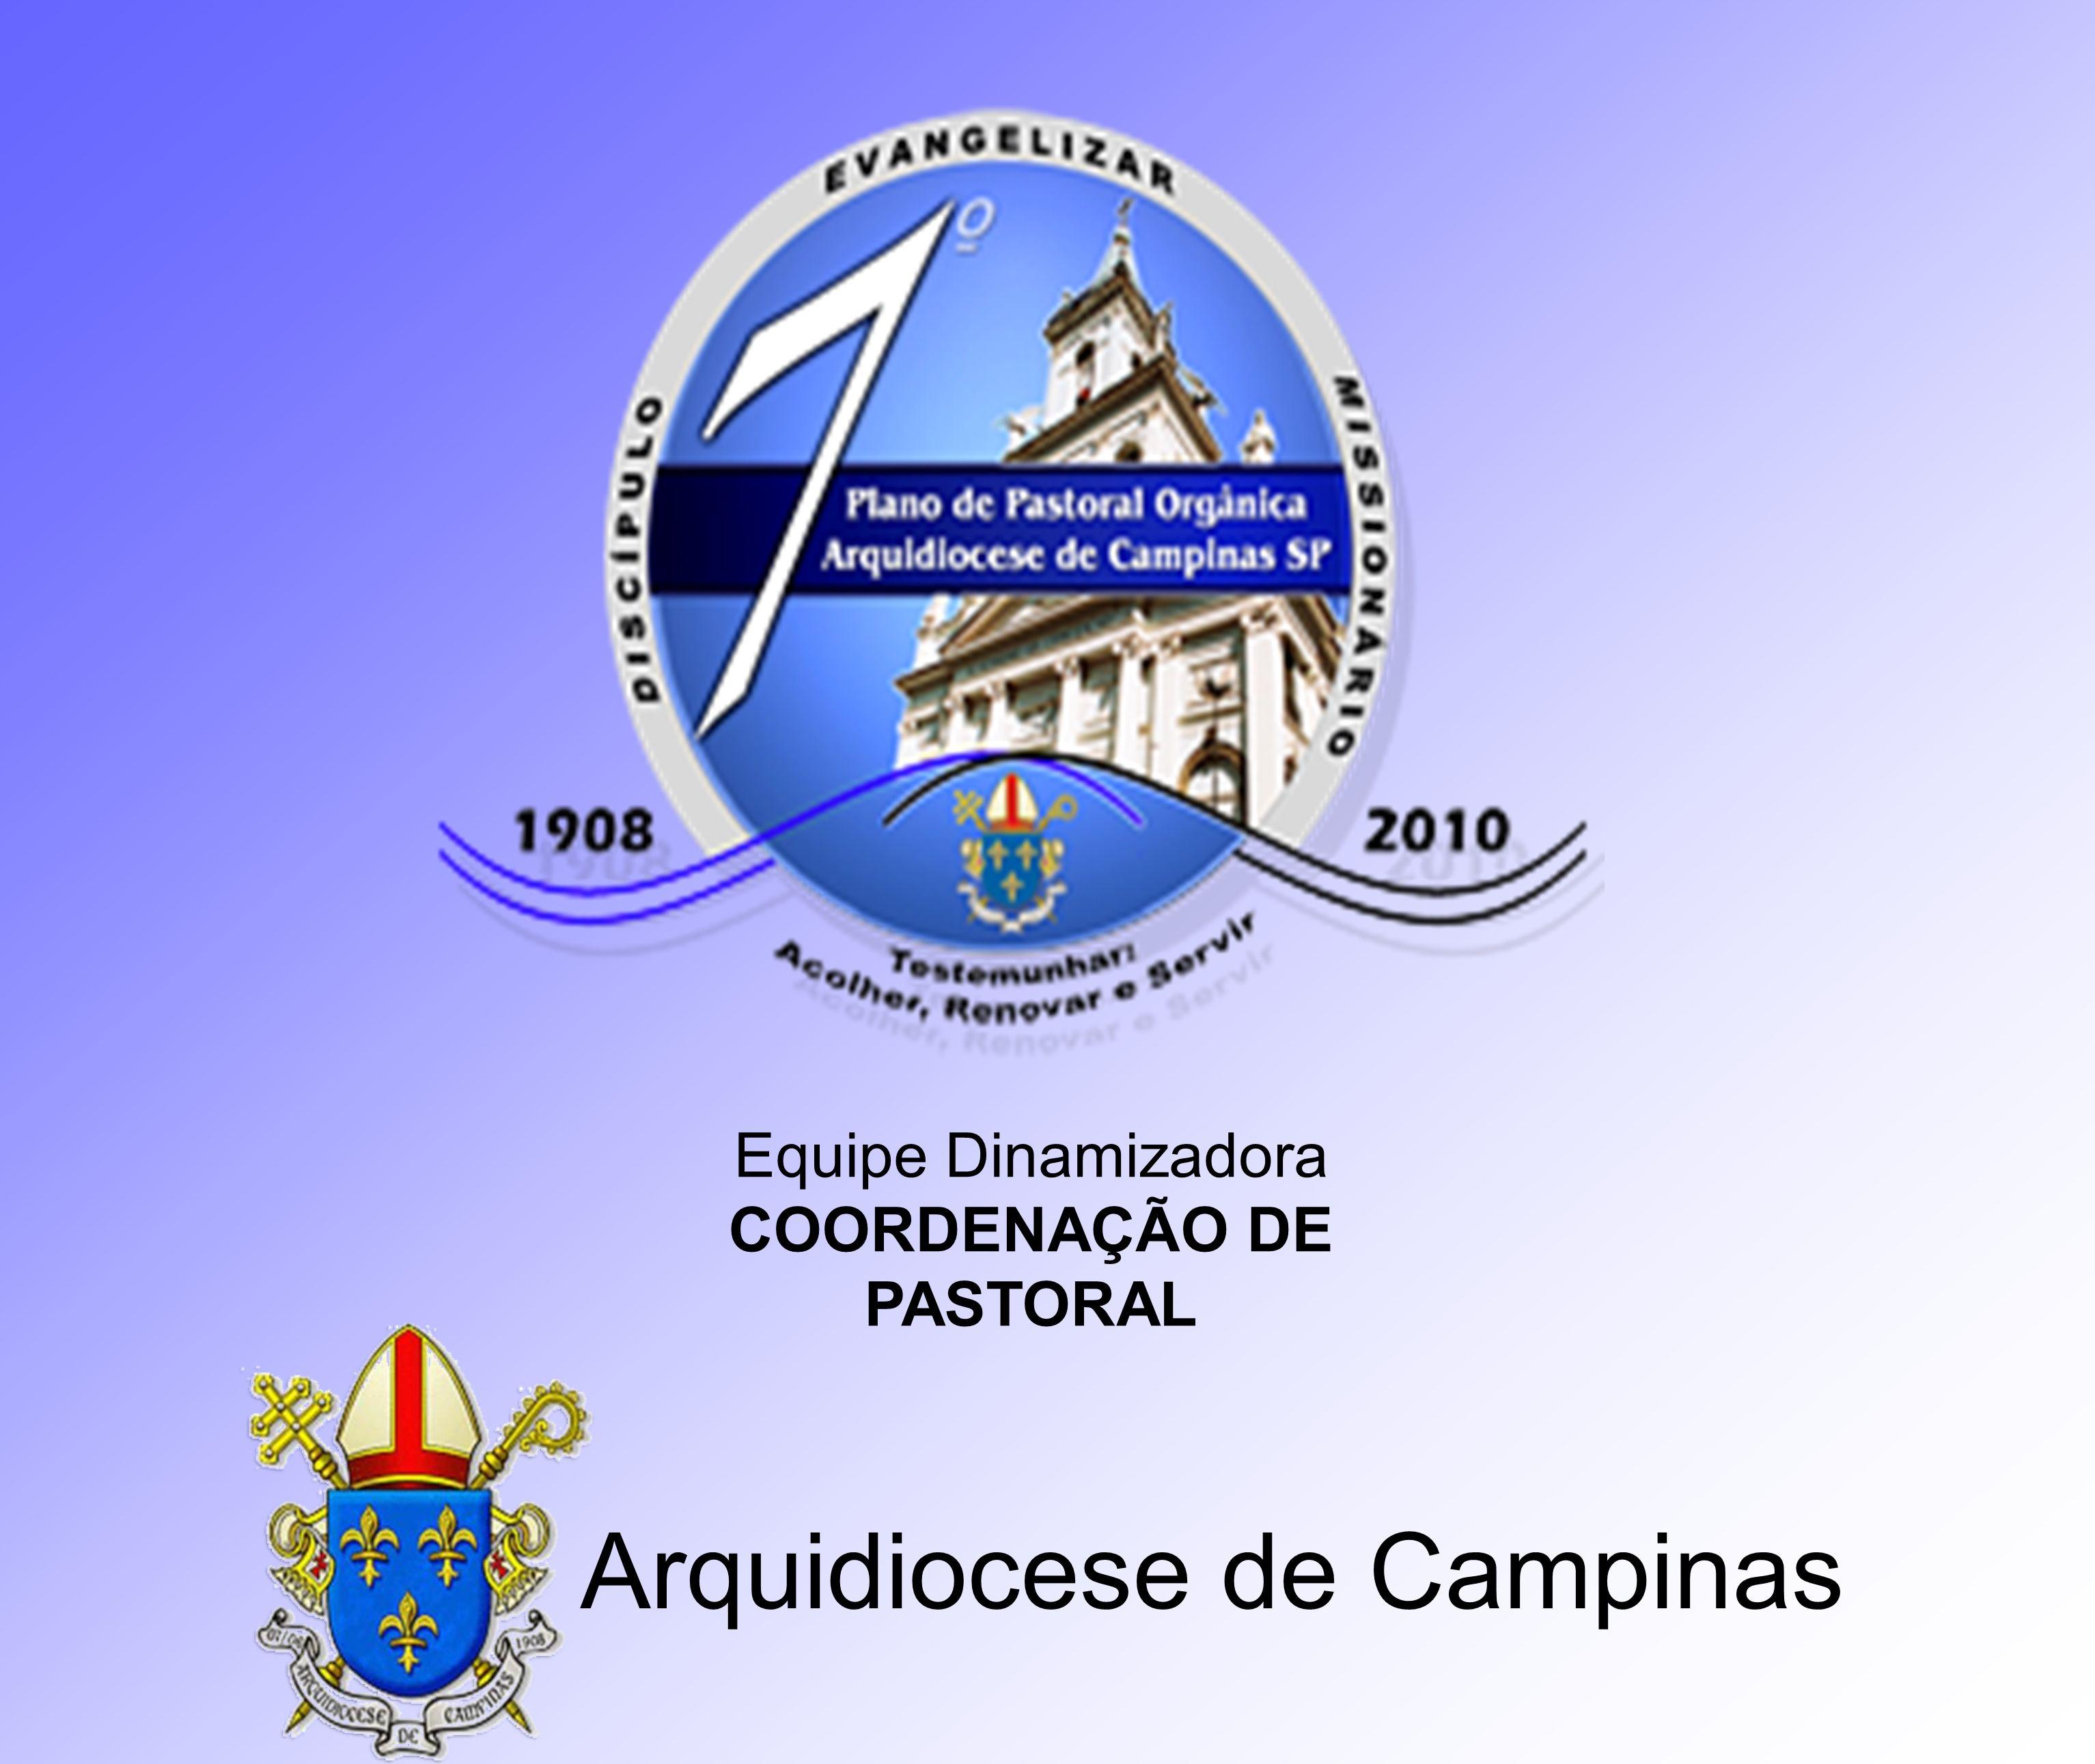 Arquidiocese de Campinas Equipe Dinamizadora COORDENAÇÃO DE PASTORAL